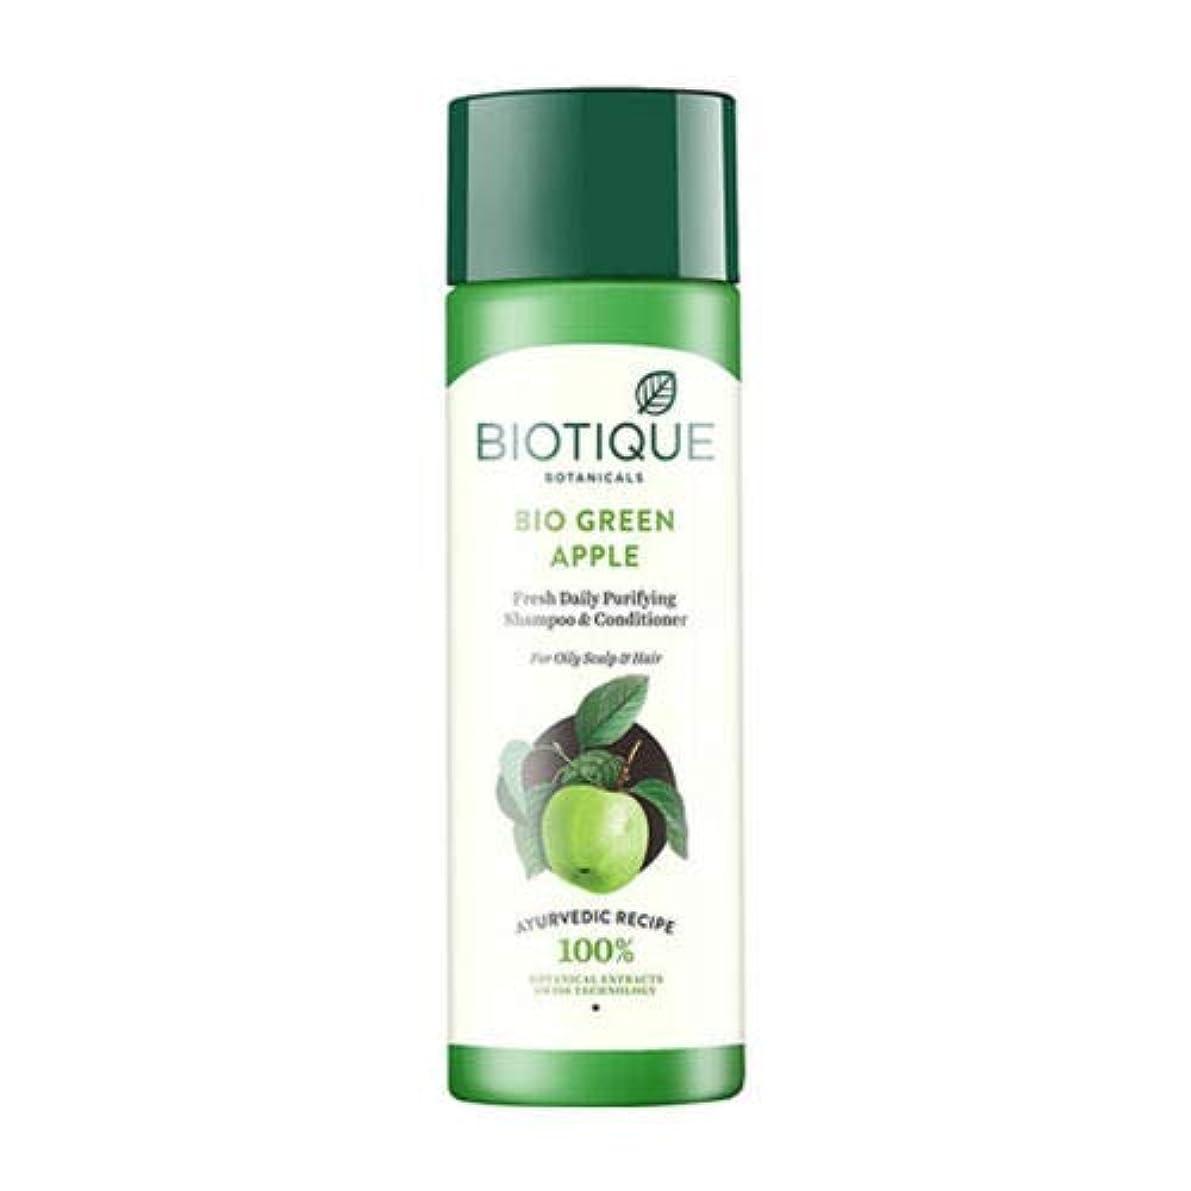 記念品作物南東Biotique Fresh Daily Purifying Shampoo & Conditioner - Bio Green Apple (190 ml) Biotiqueフレッシュデイリーピュリファイングシャンプー&コンディショナー - バイオグリーンアップル